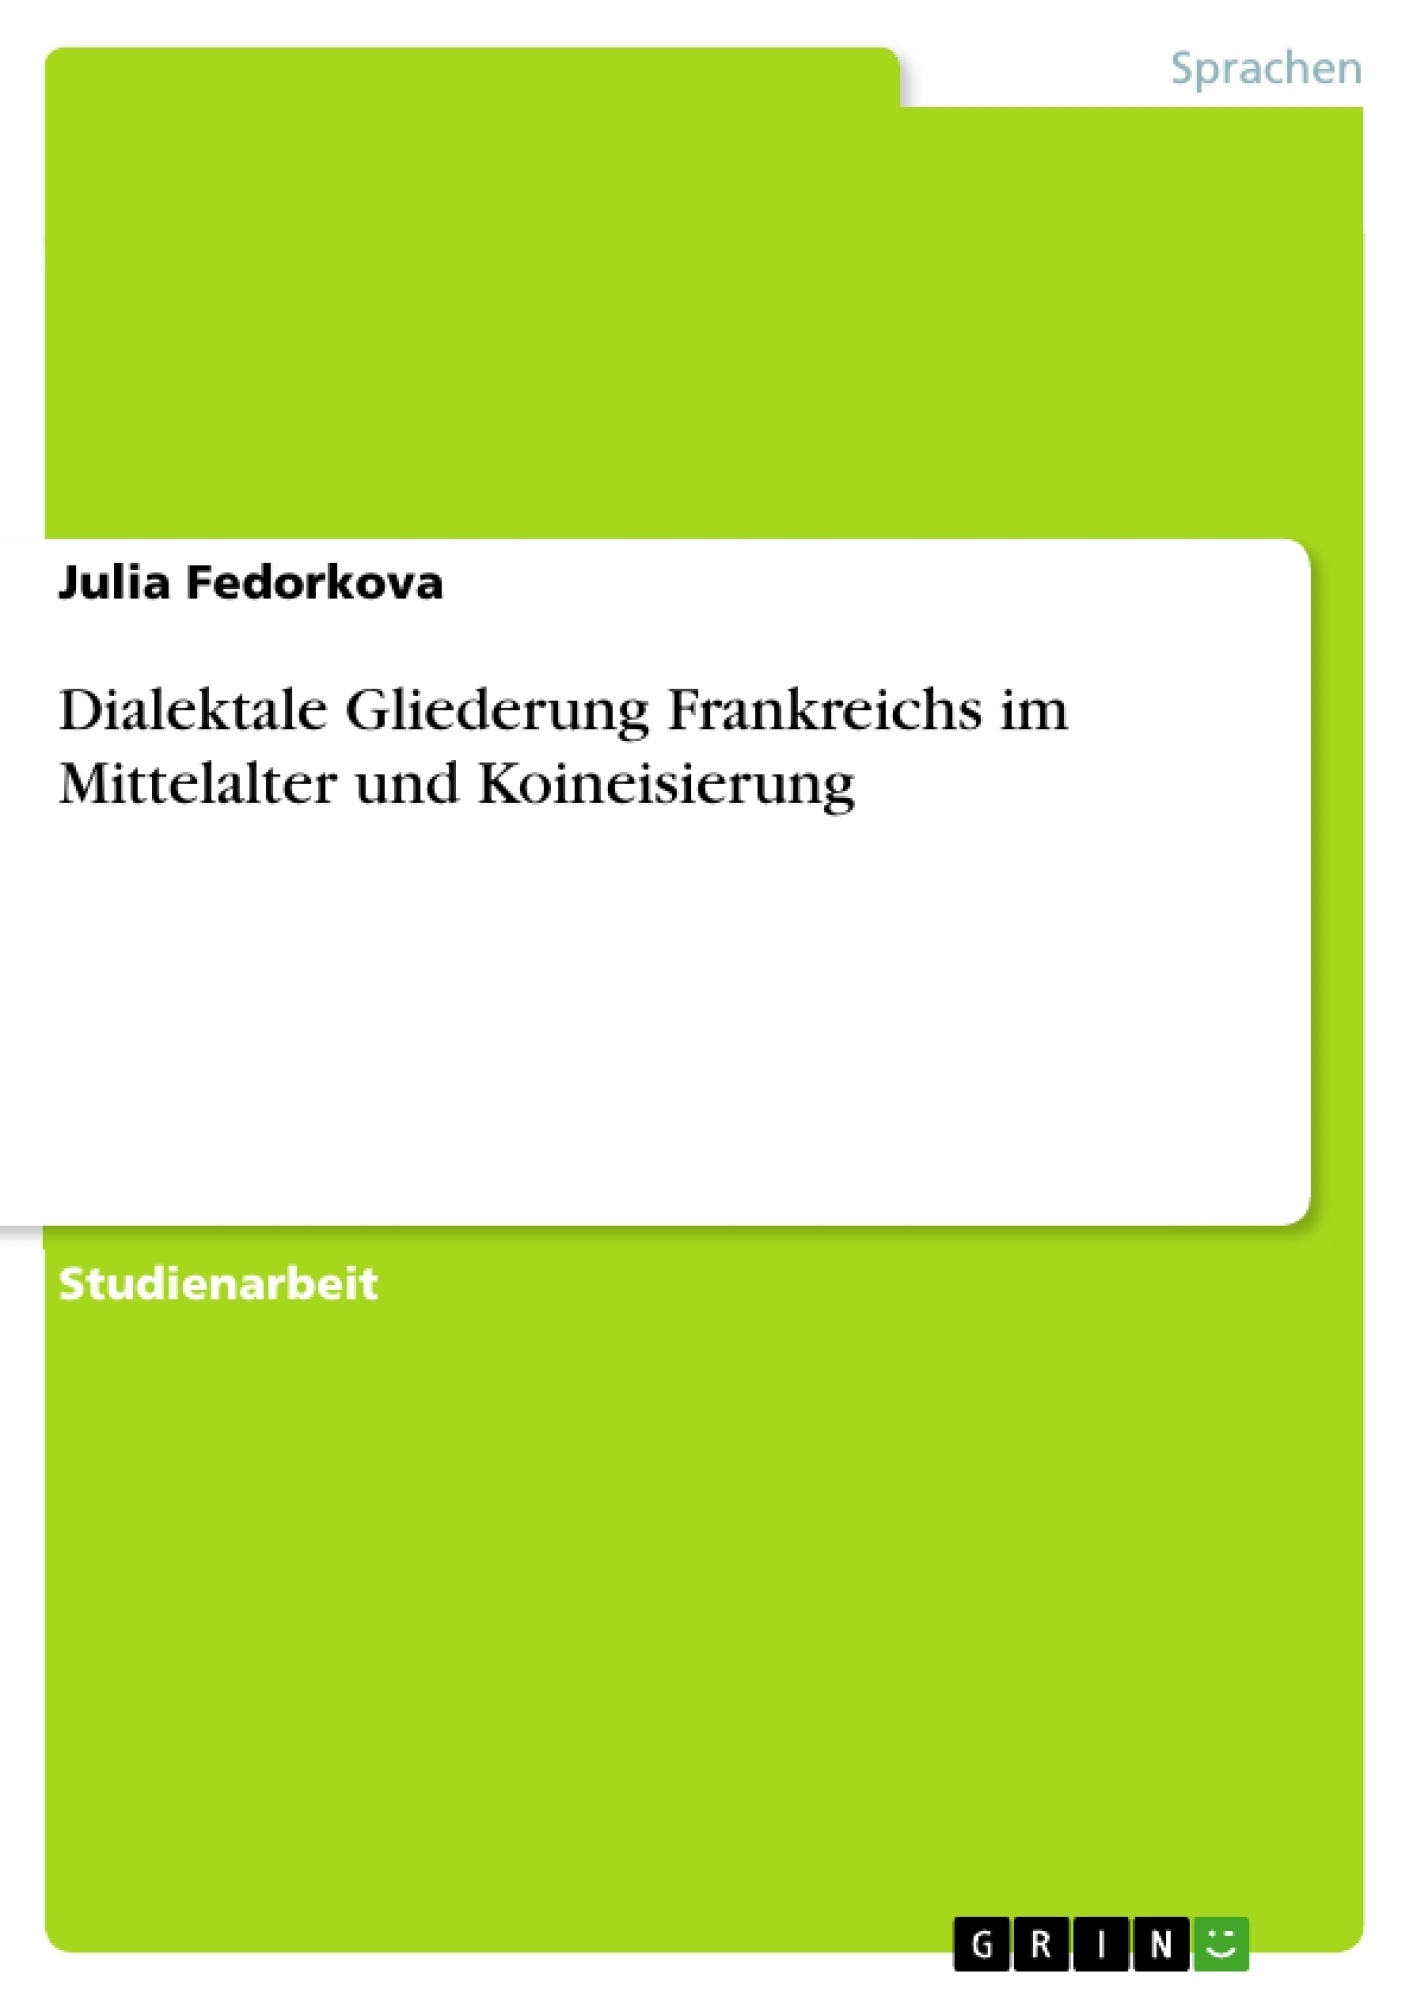 Titel: Dialektale Gliederung Frankreichs im Mittelalter und Koineisierung